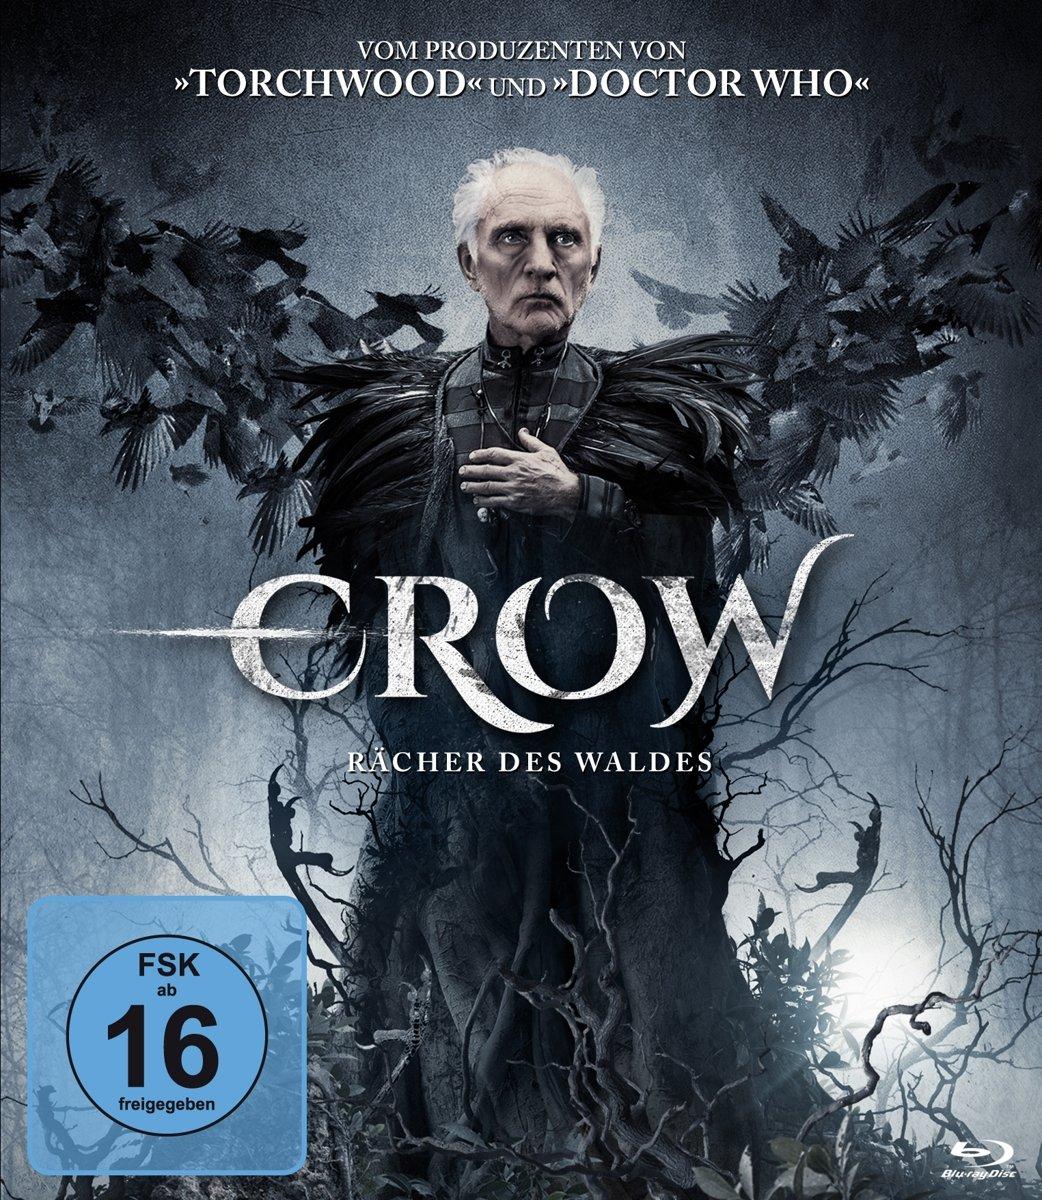 download Crow.Raecher.des.Waldes.2016.German.DTS.DL.1080p.BluRay.x264-LeetHD